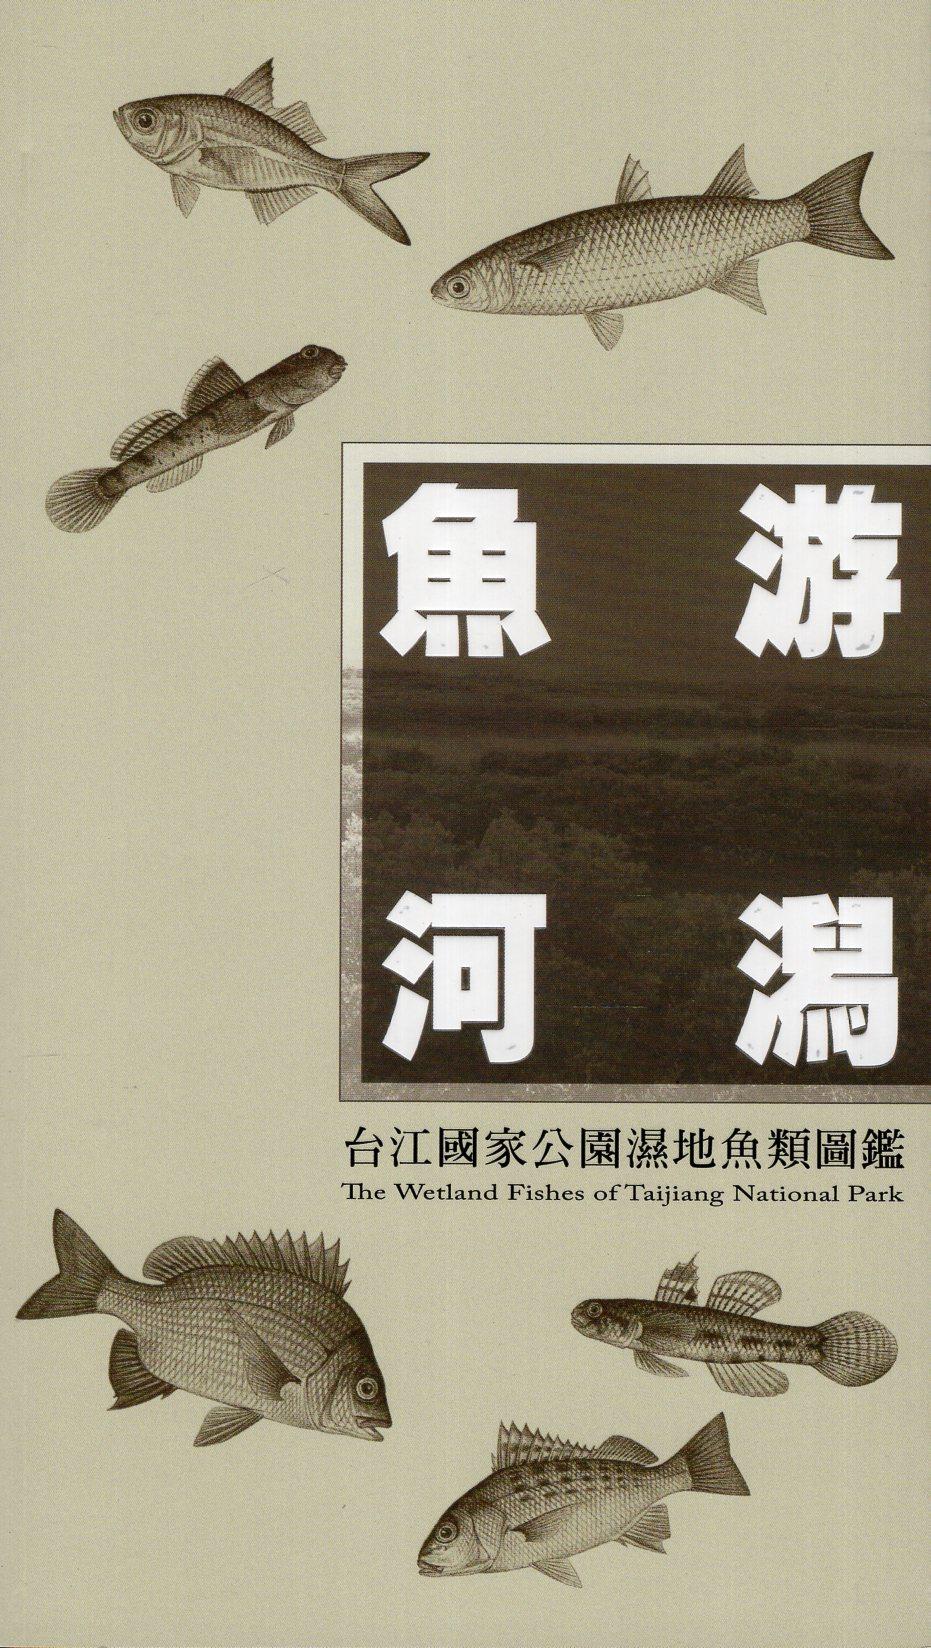 《魚游河潟:台江國家公園濕地魚類圖鑑》封面